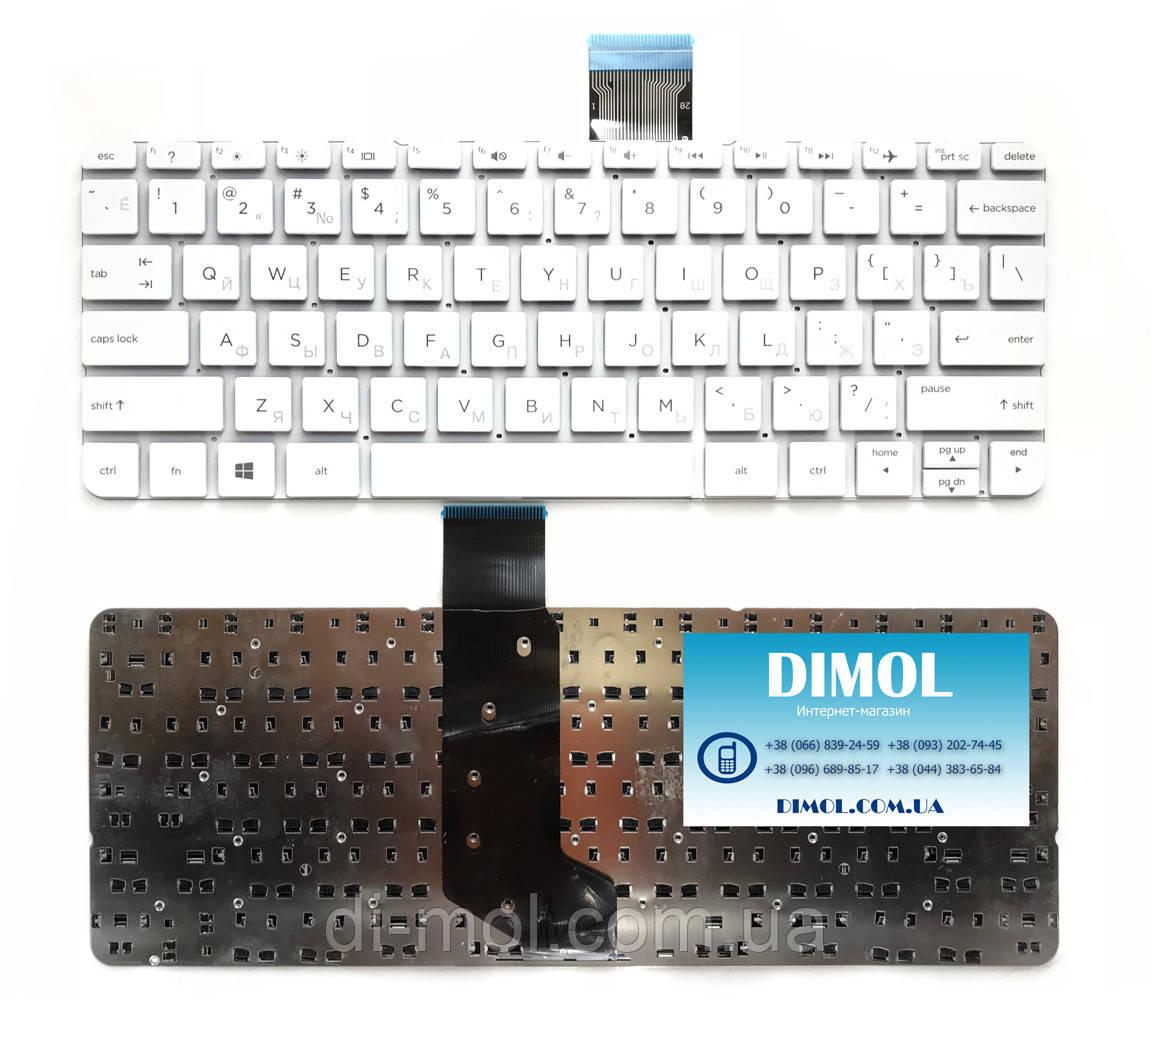 Оригинальная клавиатура для ноутбука HP Stream 11-G, 11-D, 11-P, 11-R series, ru, white